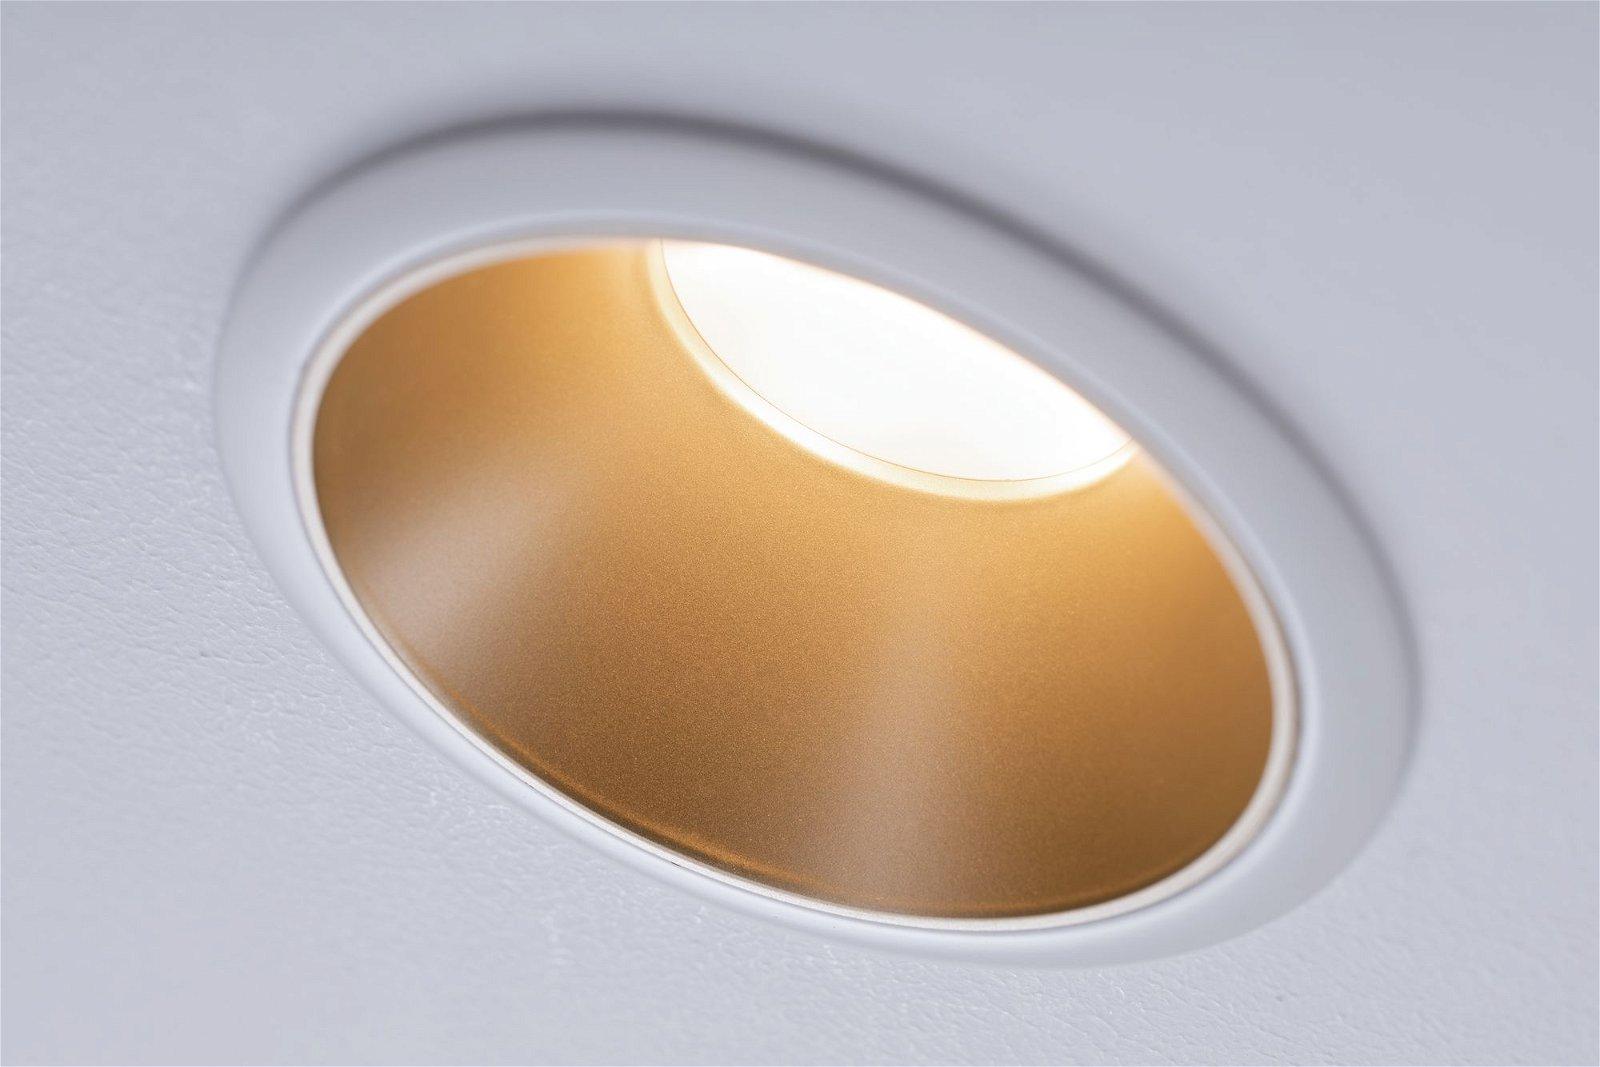 LED Einbauleuchte 3-Step-Dim Cole Coin IP44 rund 88mm Coin 6W 470lm 230V 2700K Weiß/Gold matt